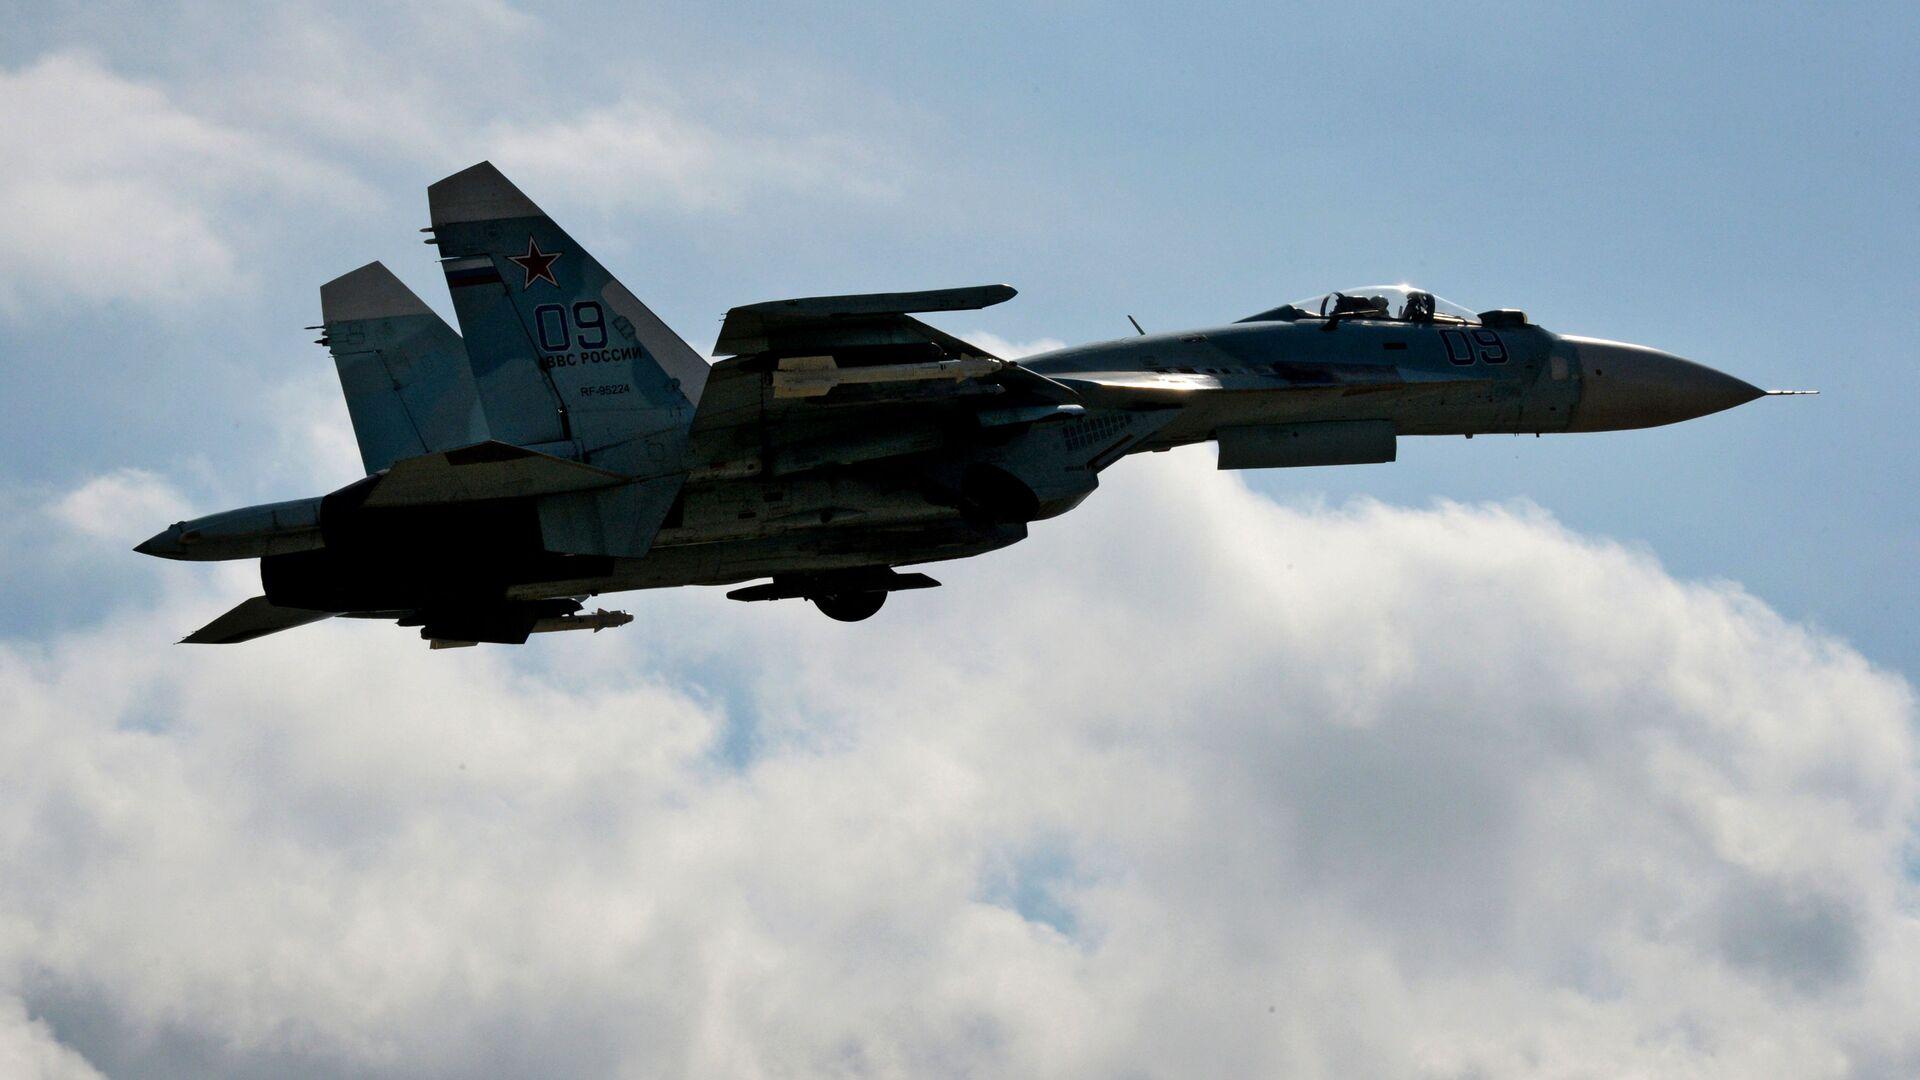 Истребитель Су-27СМ - РИА Новости, 1920, 17.02.2021